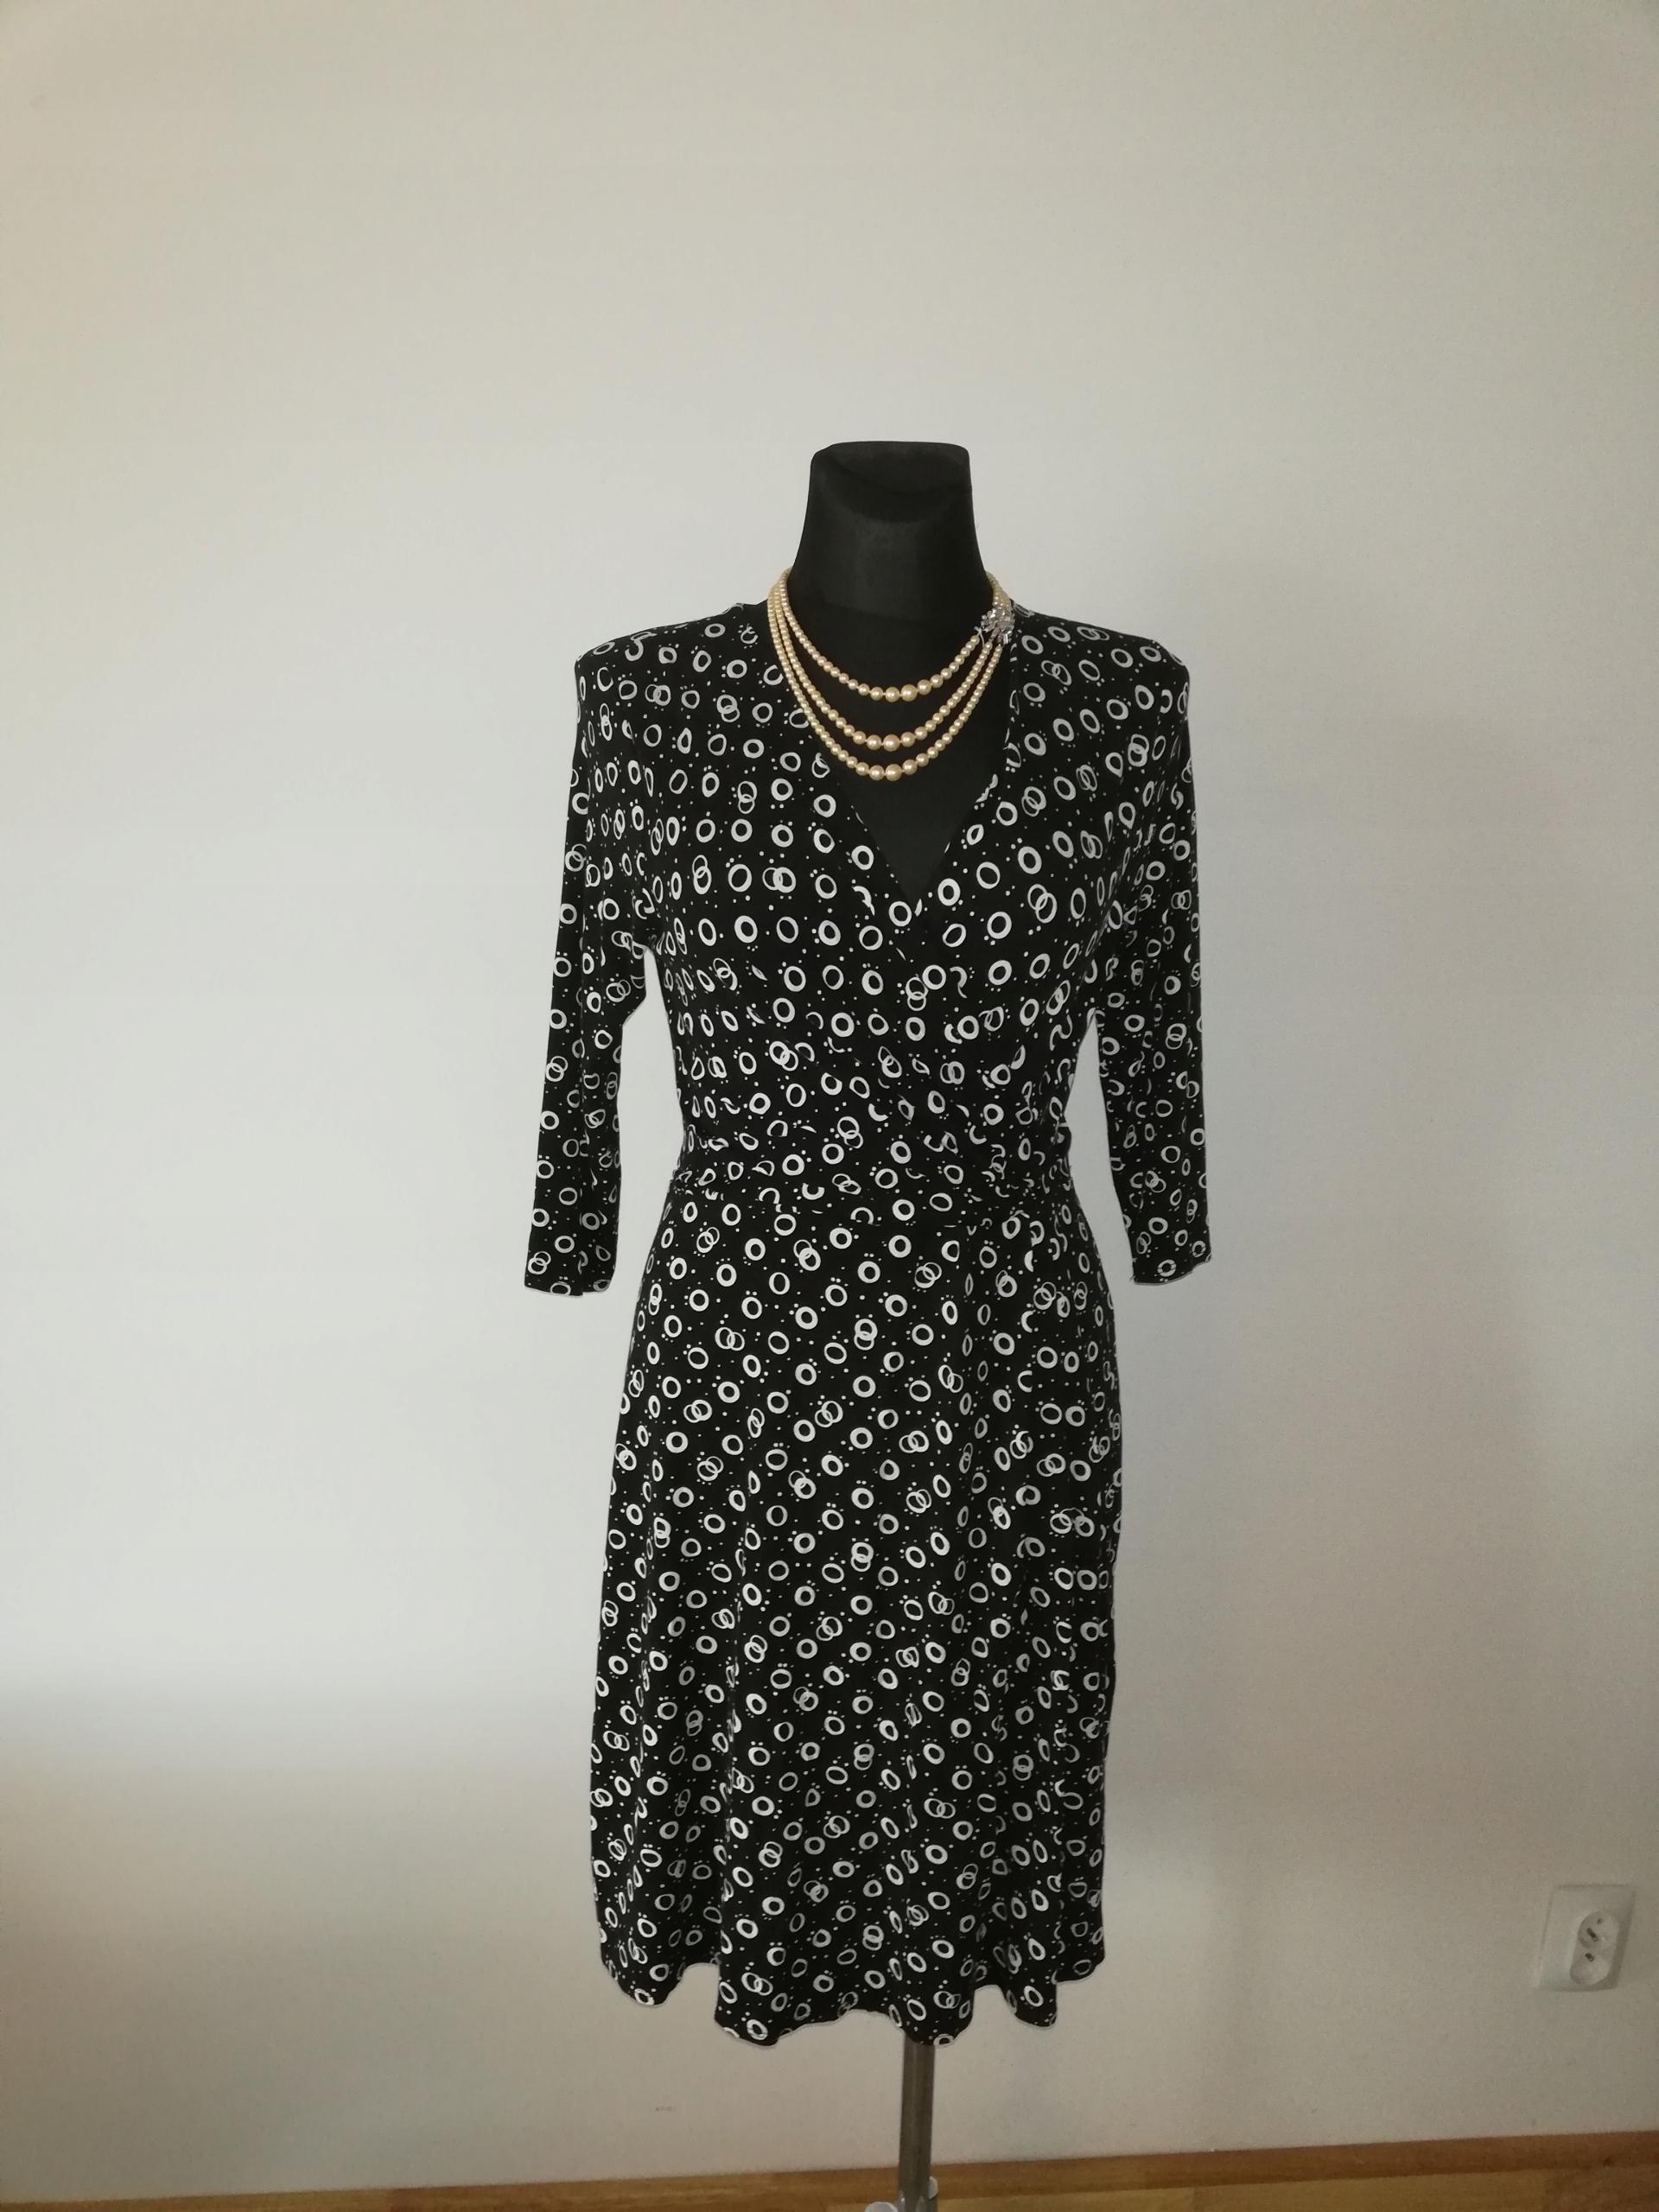 GEORGE sukienka nowa klasyk elegancji M/L